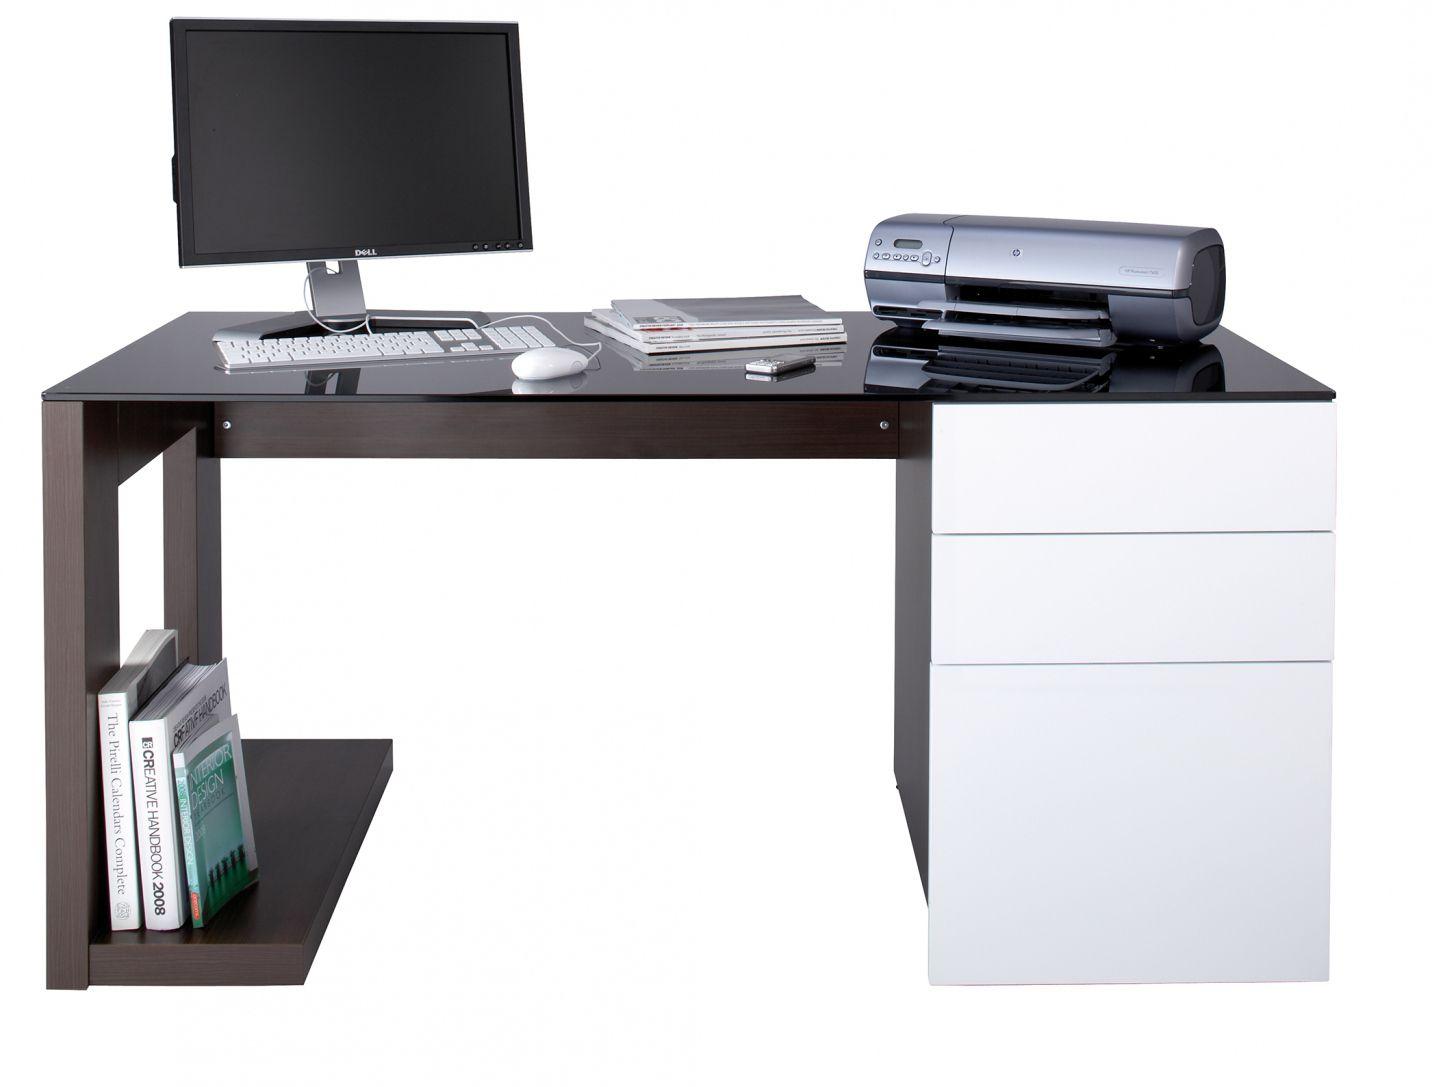 computer desk modern design home office desk furniture check more at http - Modern Computer Desks For Home Office